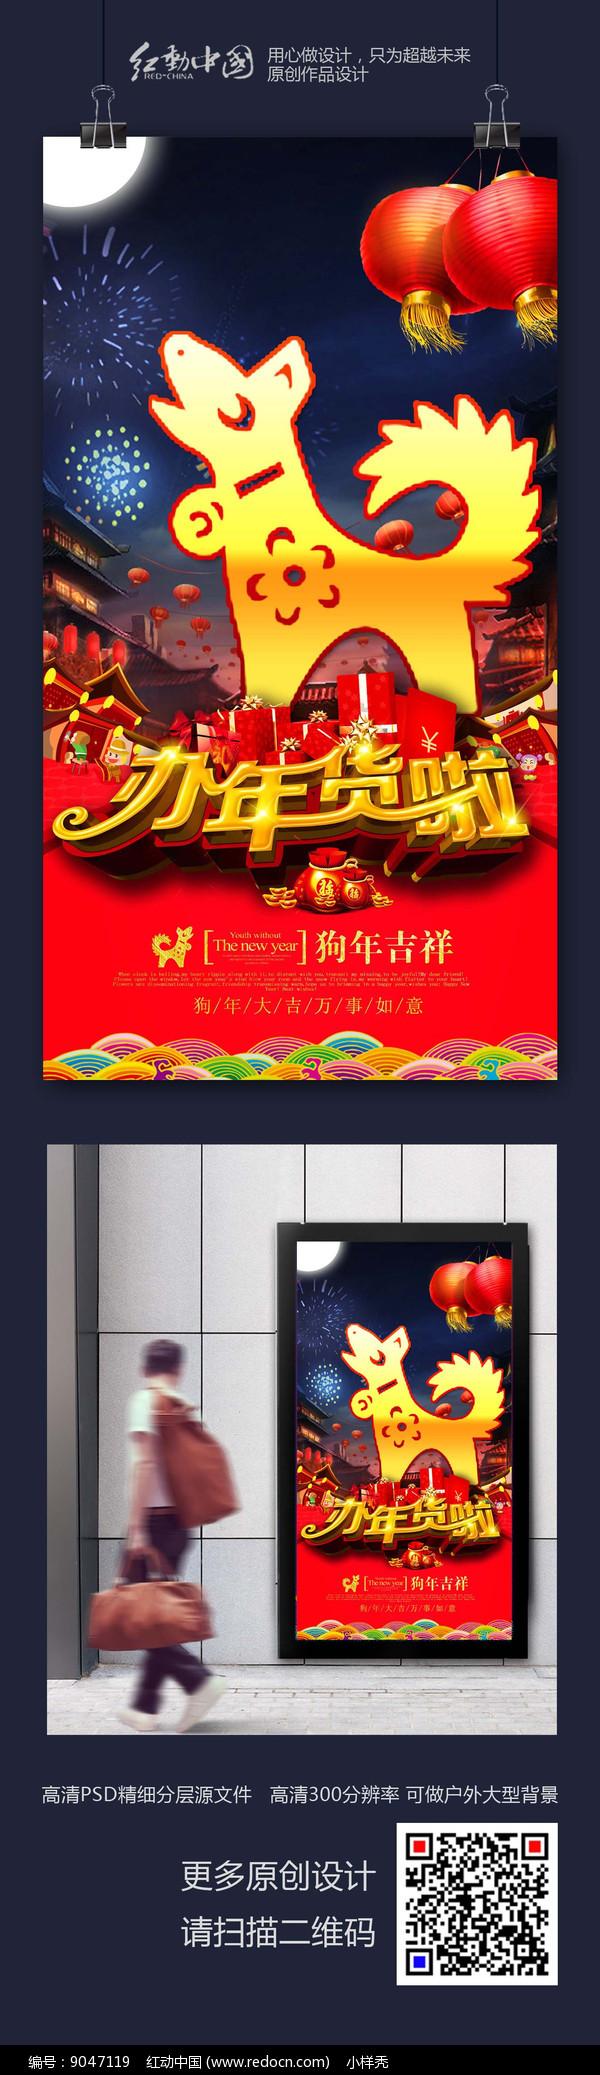 办年货啦喜庆年货节海报图片